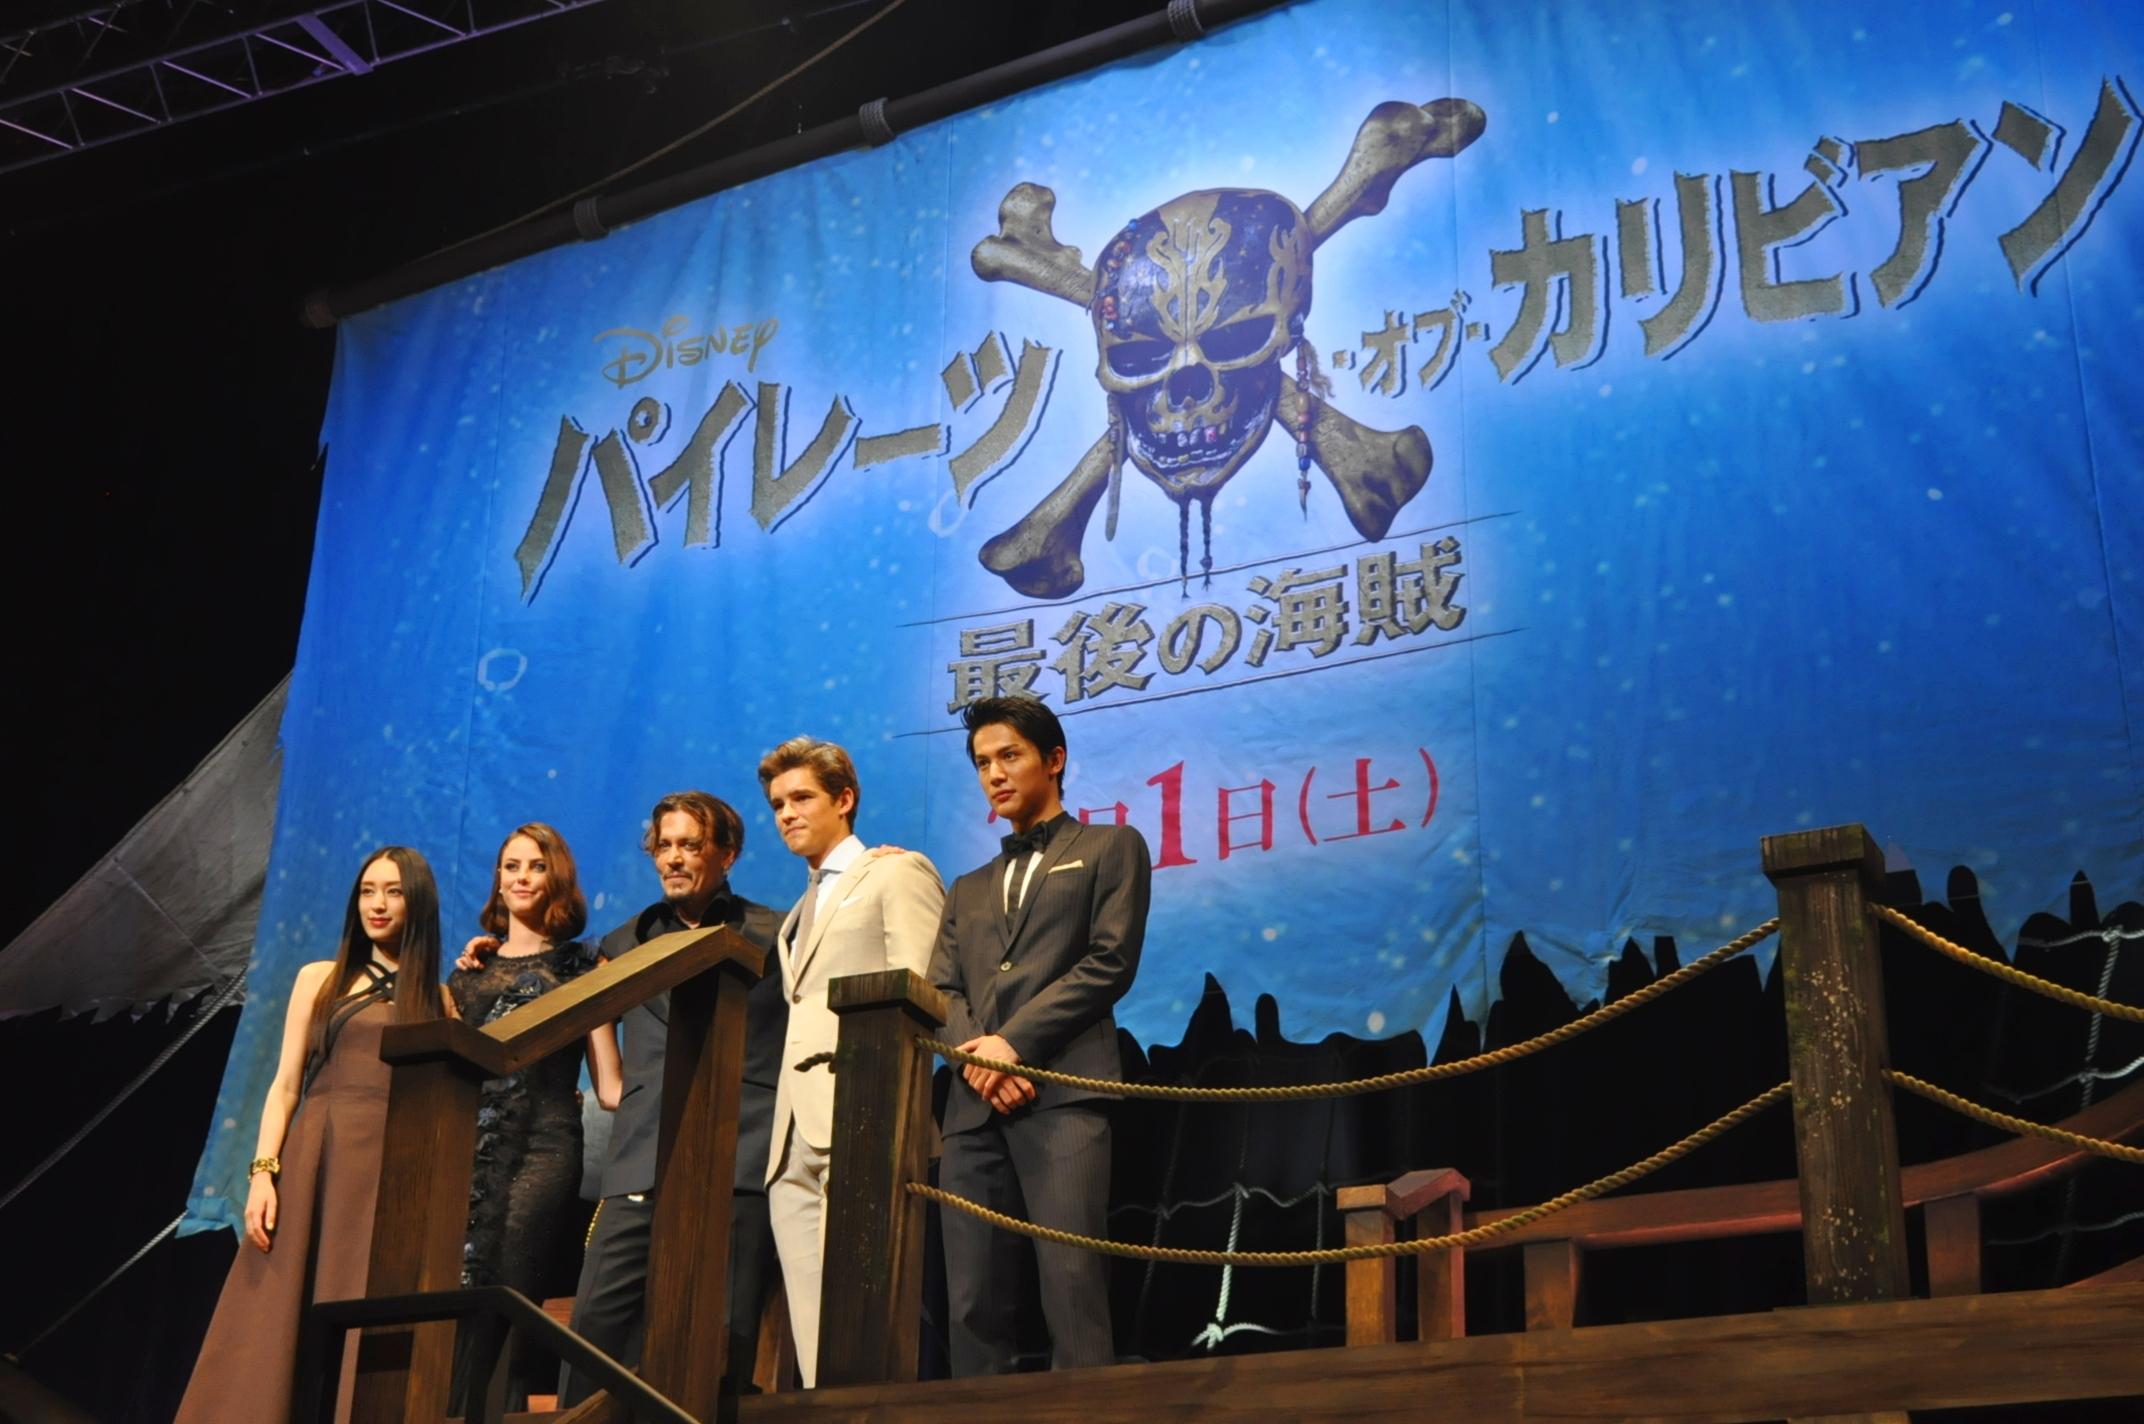 『パイレーツ・オブ・カリビアン/最後の海賊』夏祭りプレミア